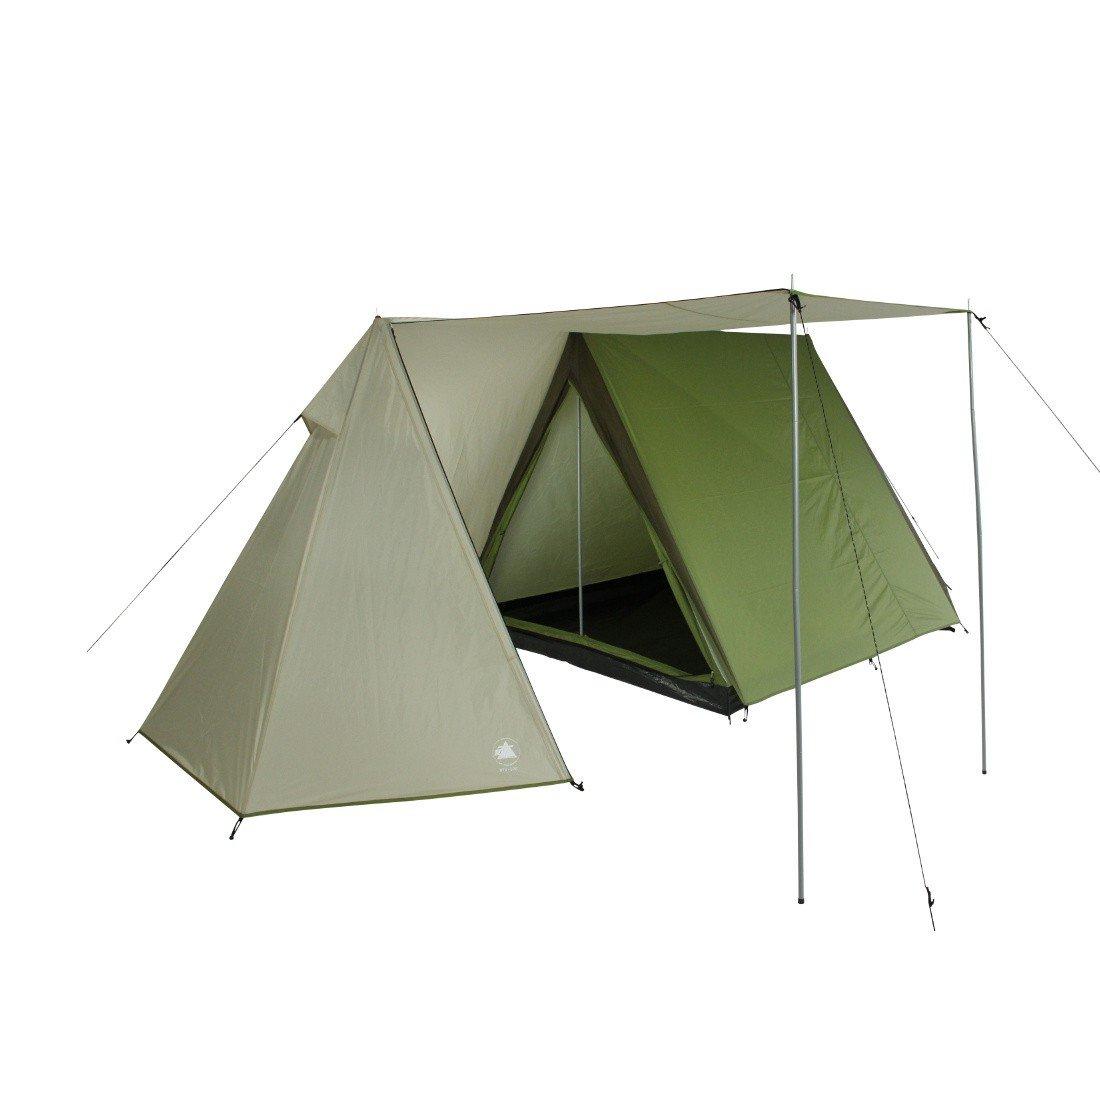 10T Camping-Zelt Mungaroo 3 Hauszelt mit Schlafkabine für 3 Personen Outdoor Familienzelt mit Wohnraum, Firstzelt mit Dauerbelüftung, Sonnendach Aufstellstangen, wasserdicht mit 3000mm Wassersäule